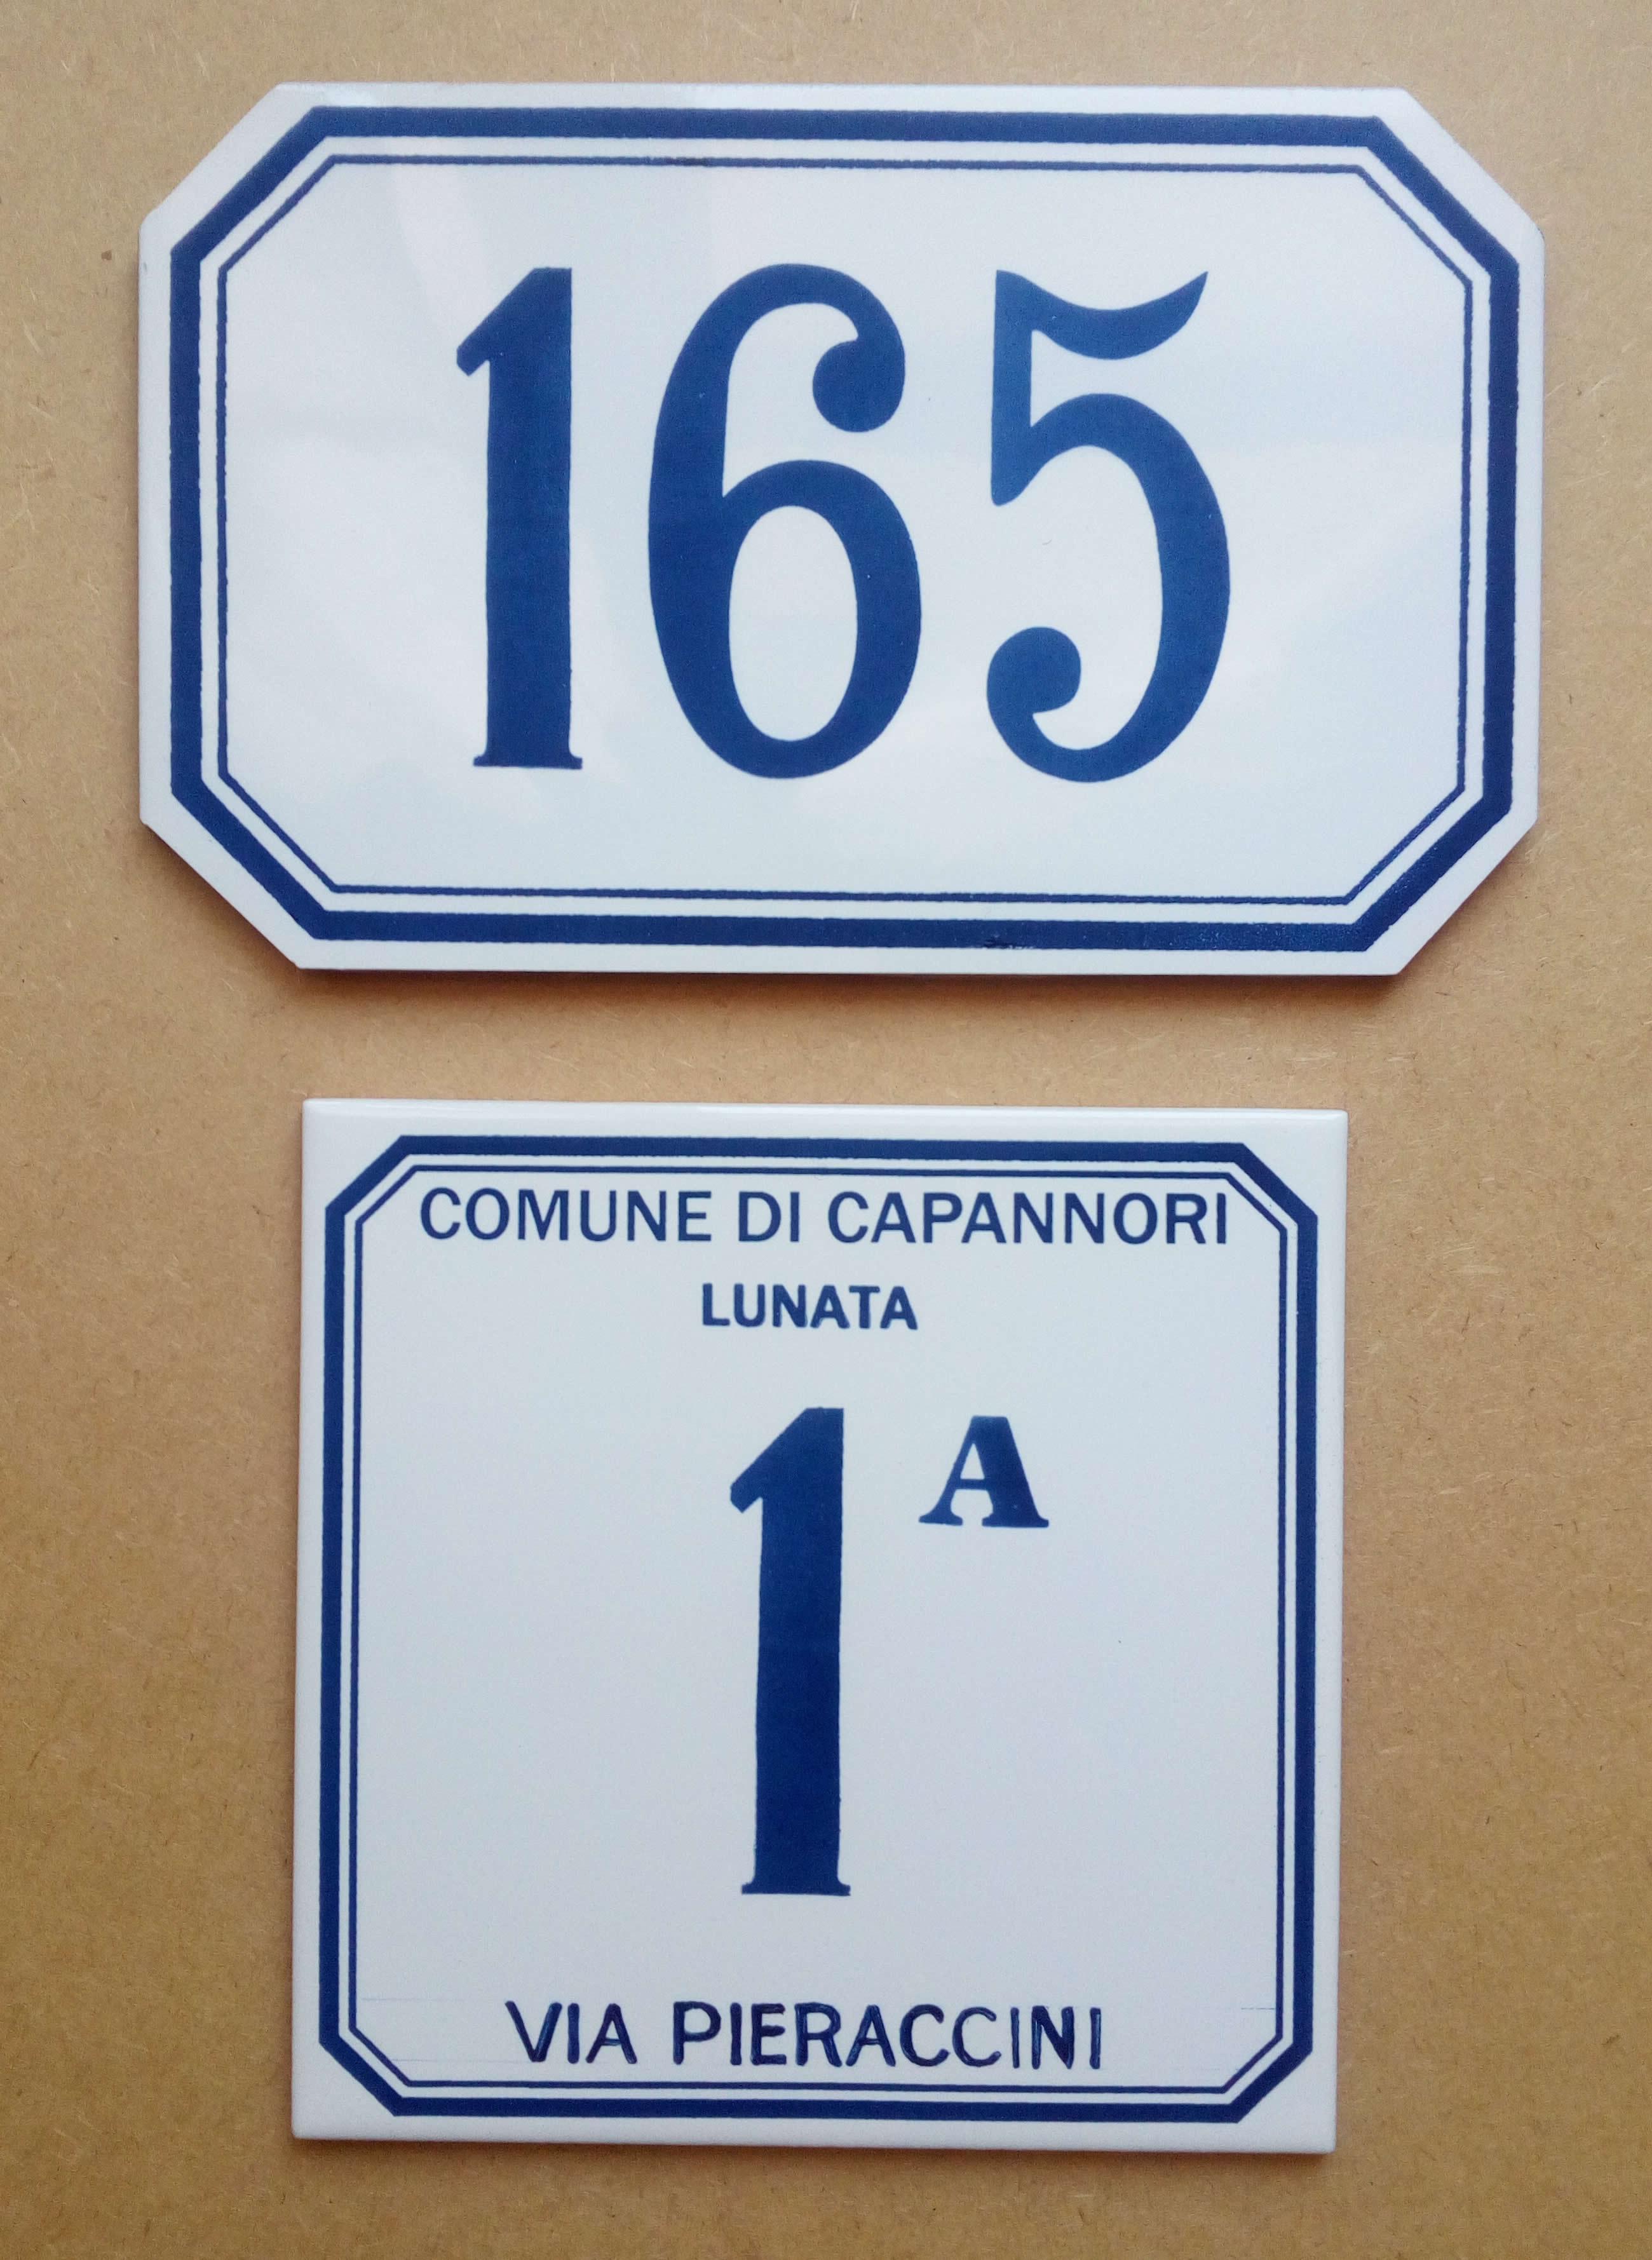 Numeri Civici In Ceramica.System Numerazione Civica Fornitura E Reintegrazione Numeri